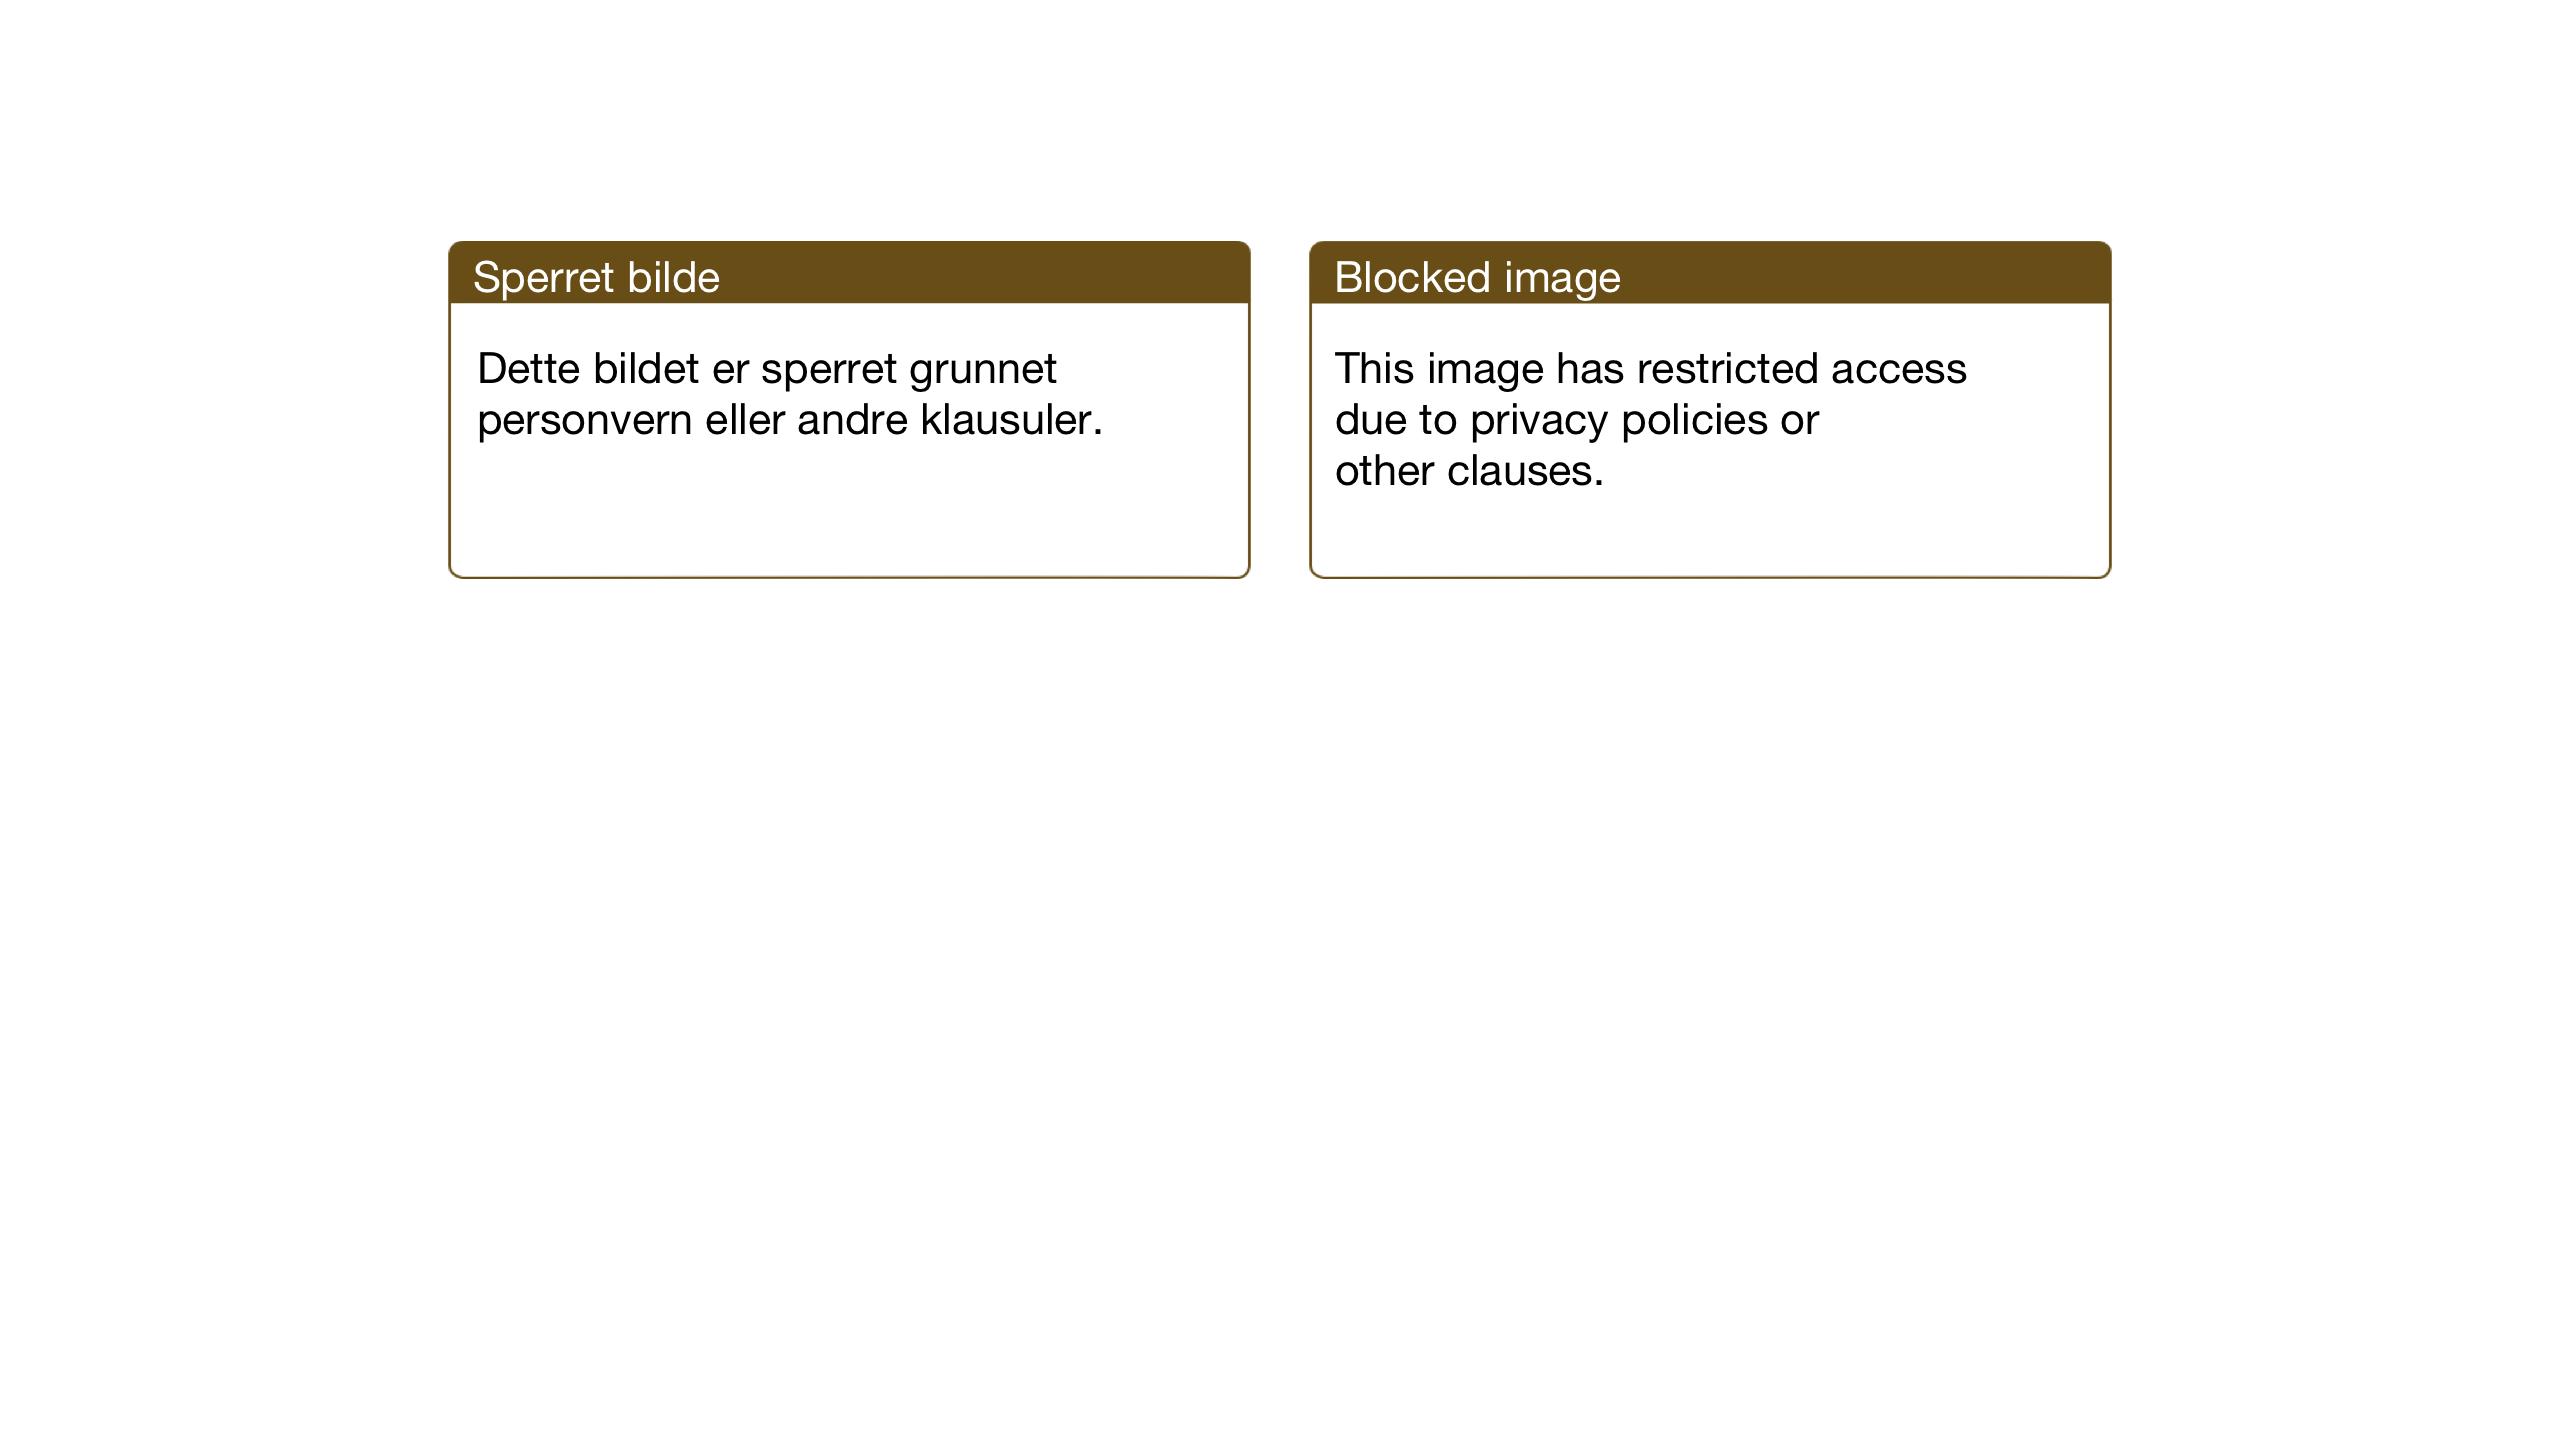 SAT, Ministerialprotokoller, klokkerbøker og fødselsregistre - Nord-Trøndelag, 755/L0500: Klokkerbok nr. 755C01, 1920-1962, s. 40